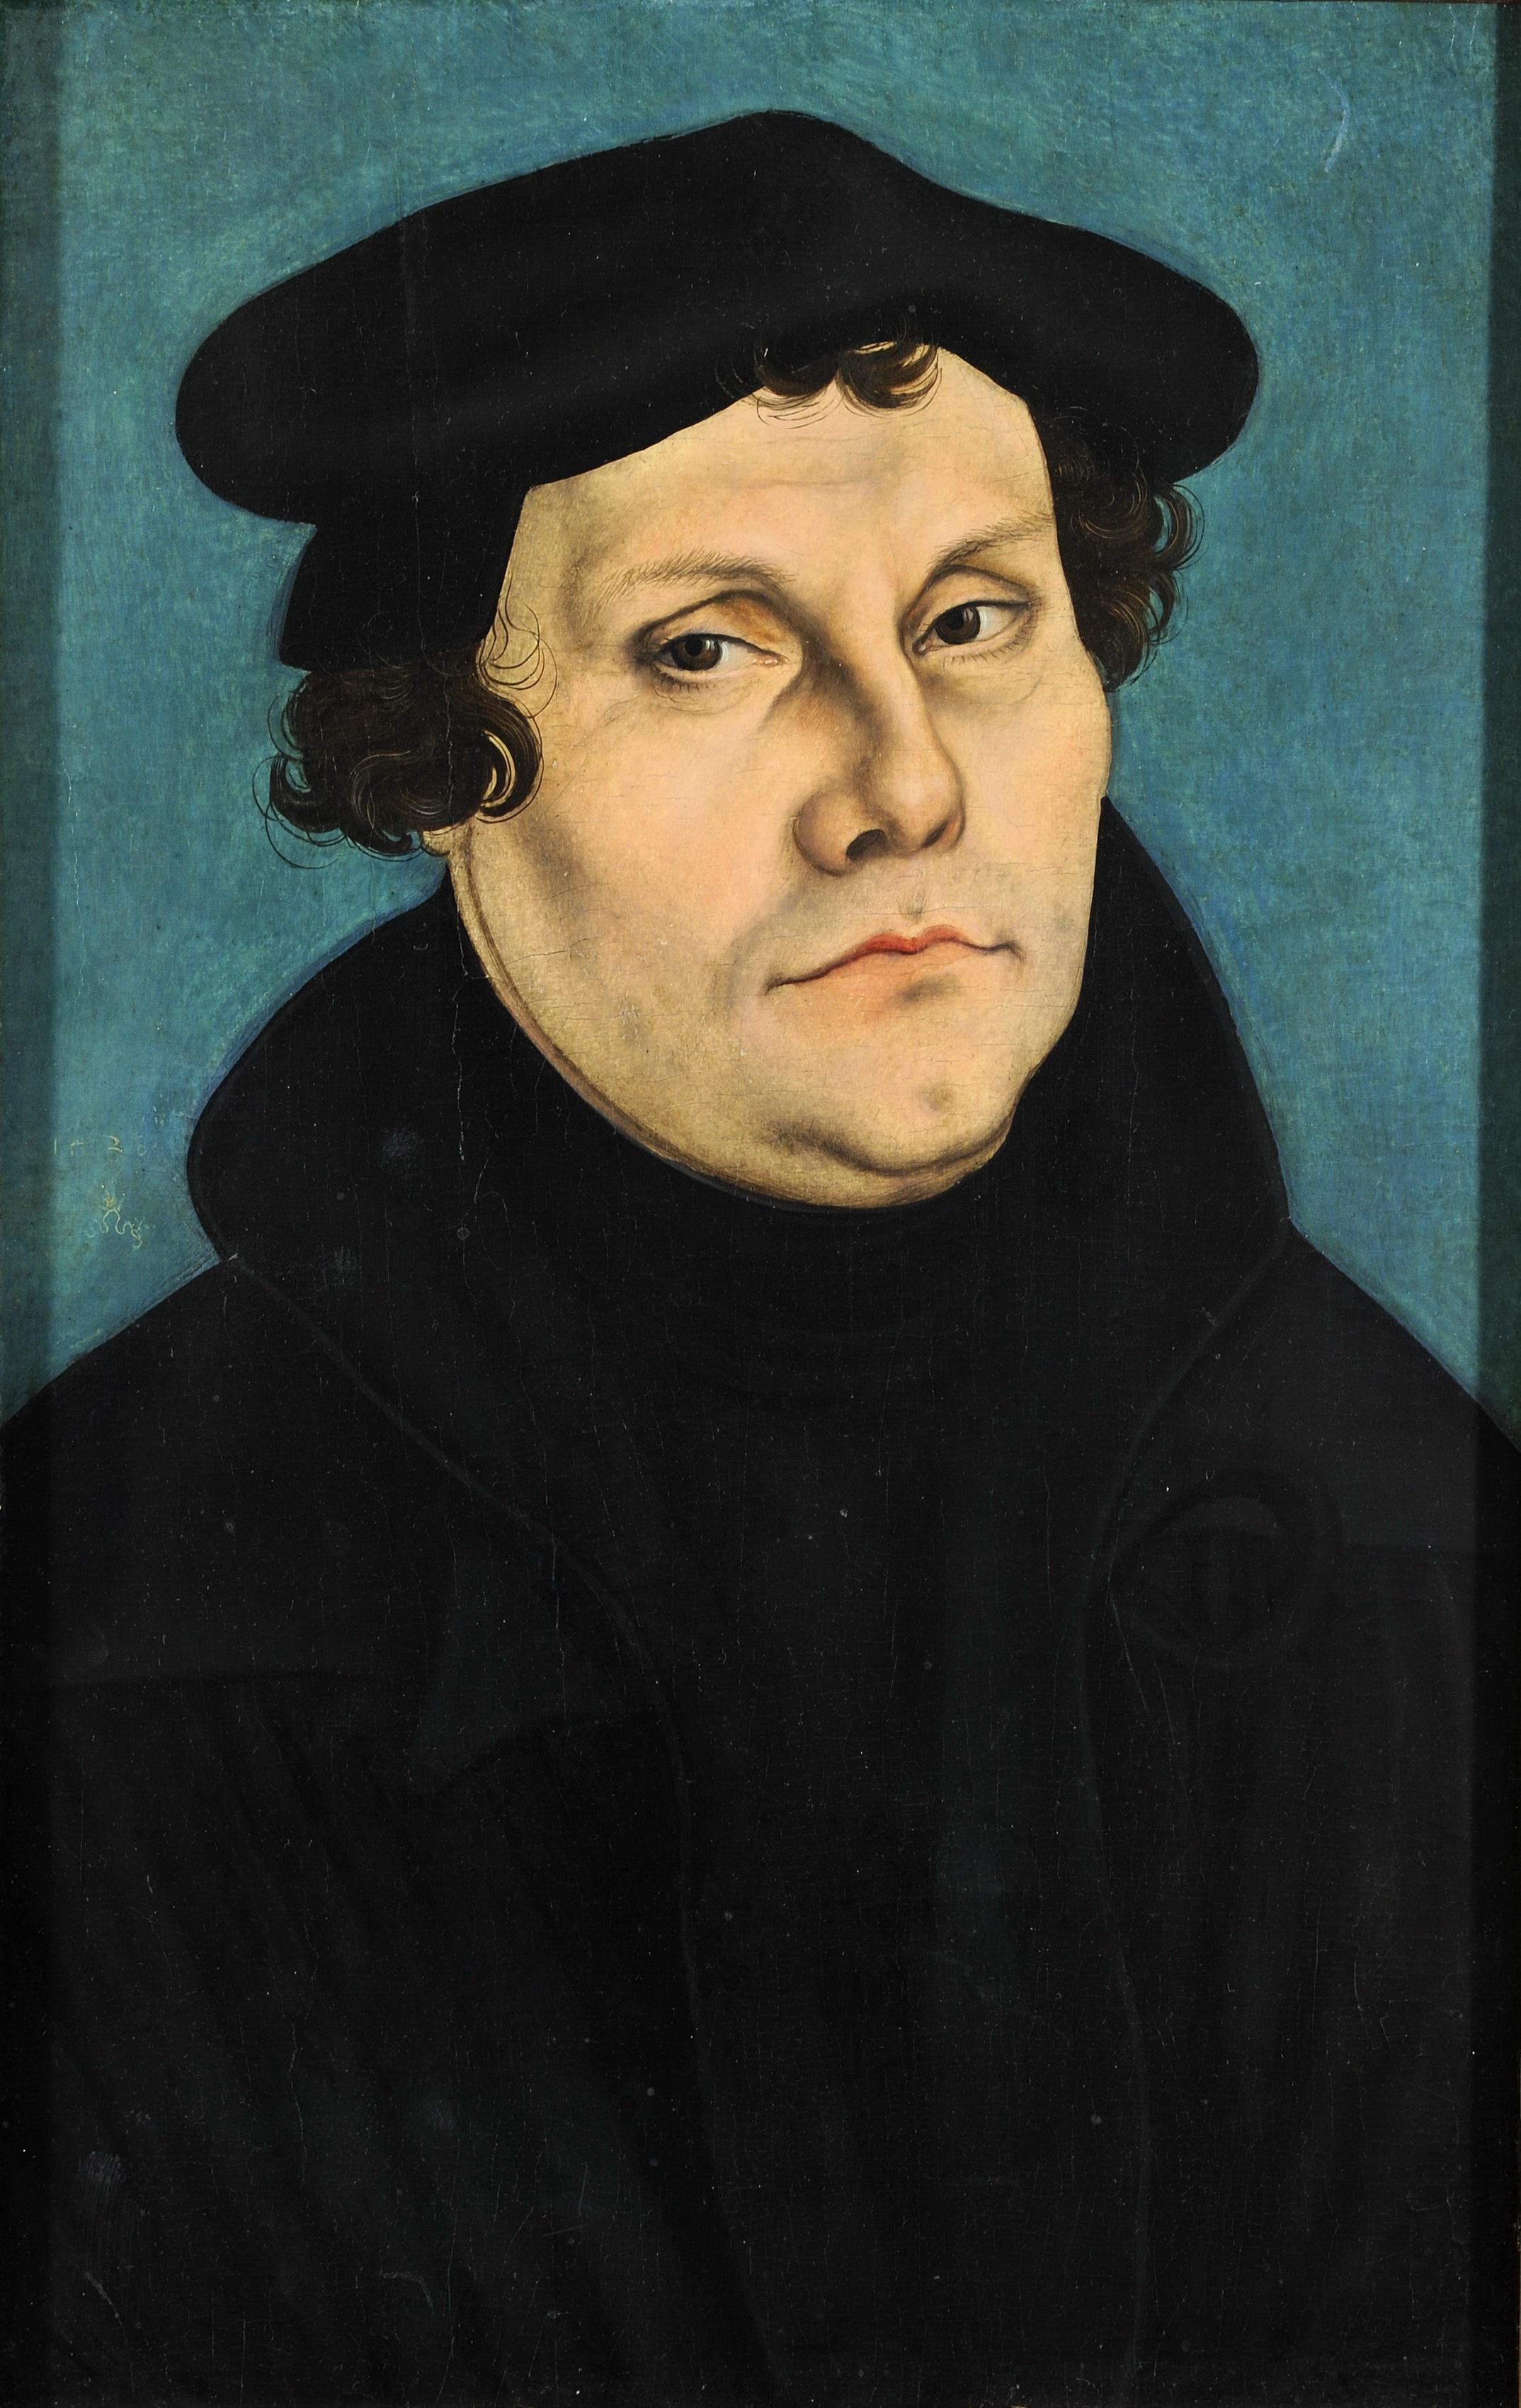 Nach Martin Luther wird in Rom ein Platz benannt. (Quelle: Wikimedia Commons unter gemeinfreier Lizenz)